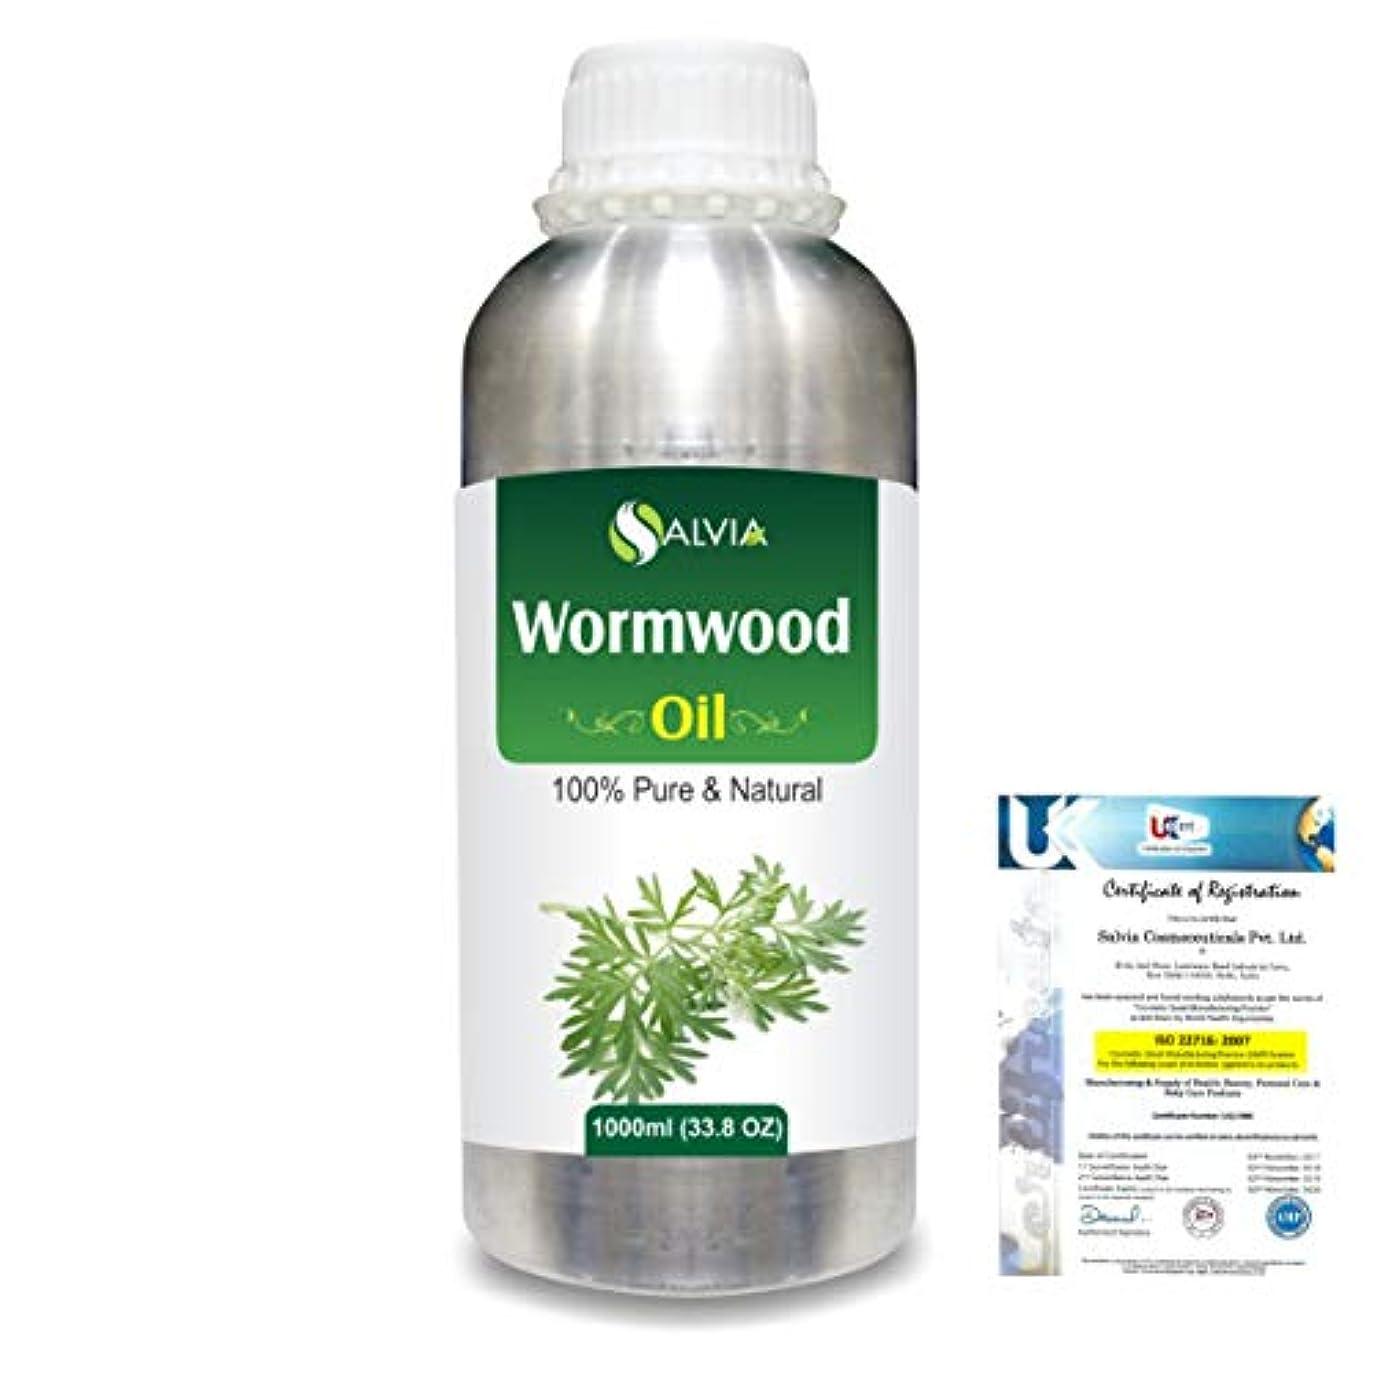 典型的な干渉痴漢Wormwood (Artemisia absinthium) 100% Natural Pure Essential Oil 1000ml/33.8fl.oz.